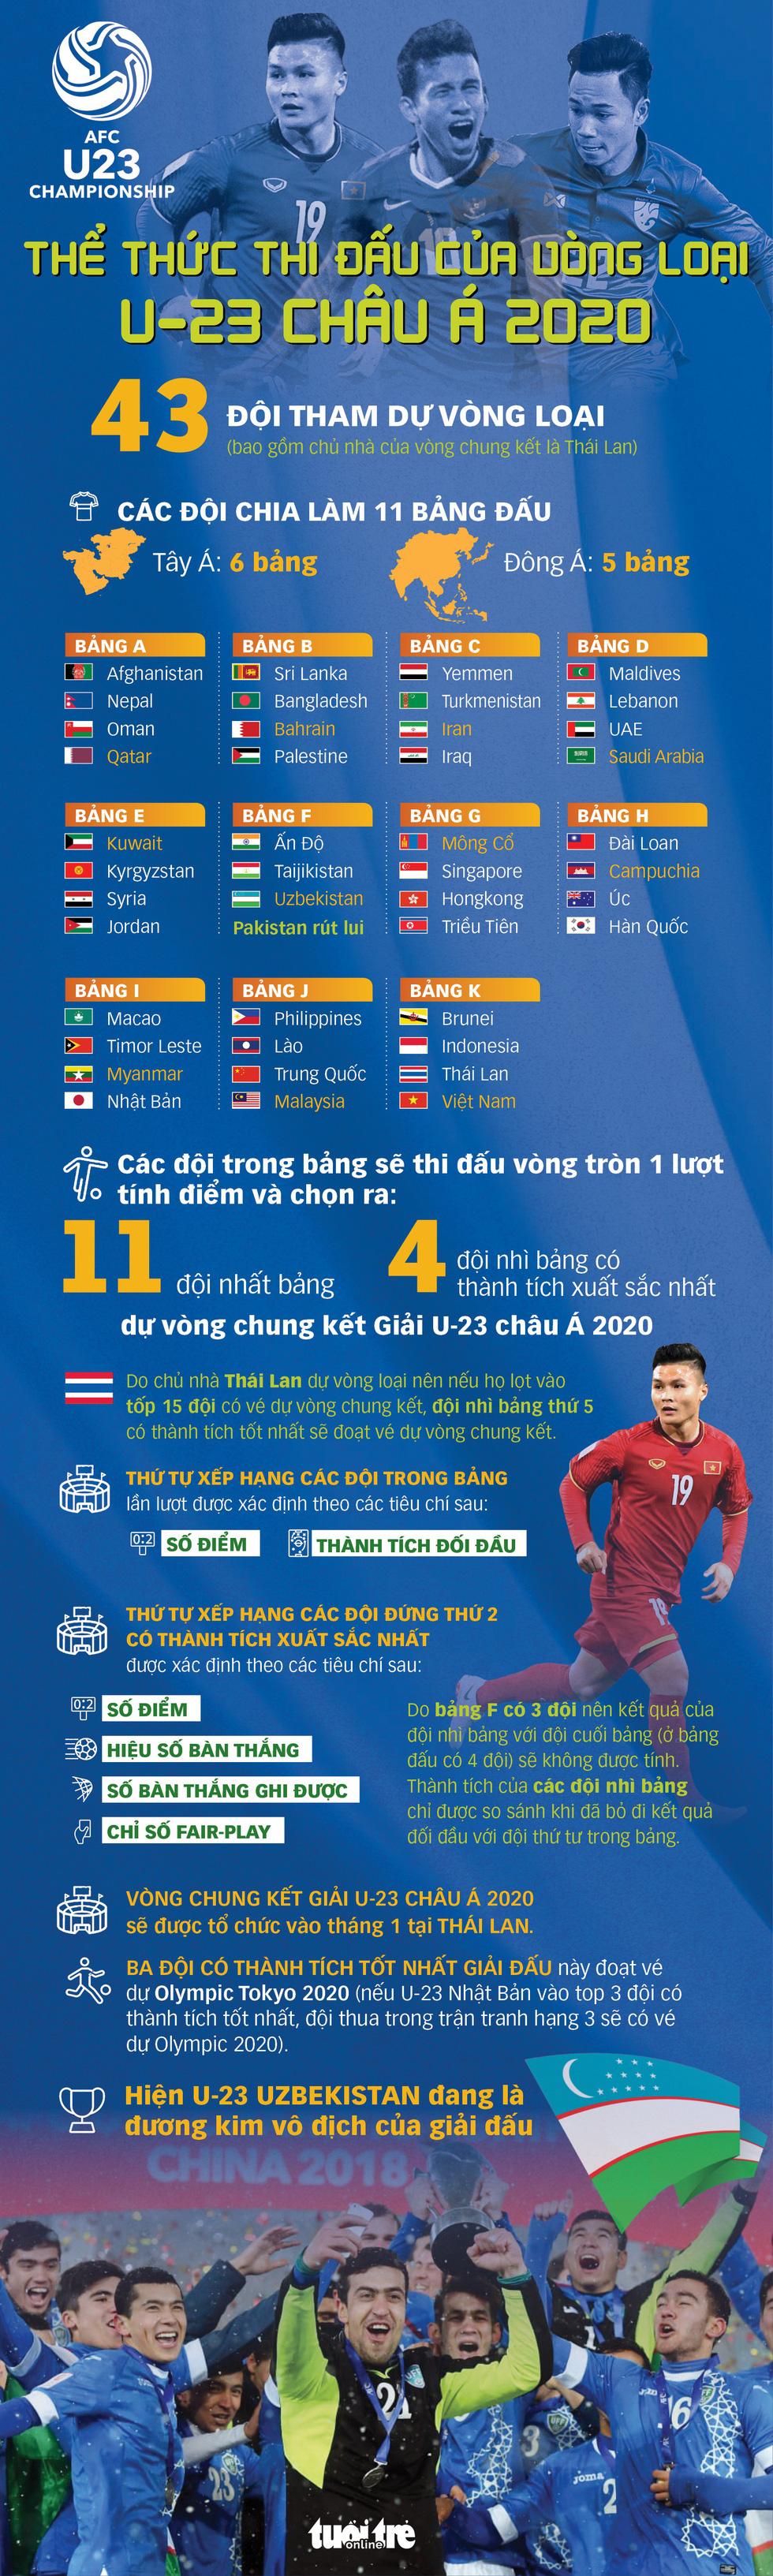 Thể thức thi đấu vòng loại U-23 châu Á 2020 - Ảnh 1.